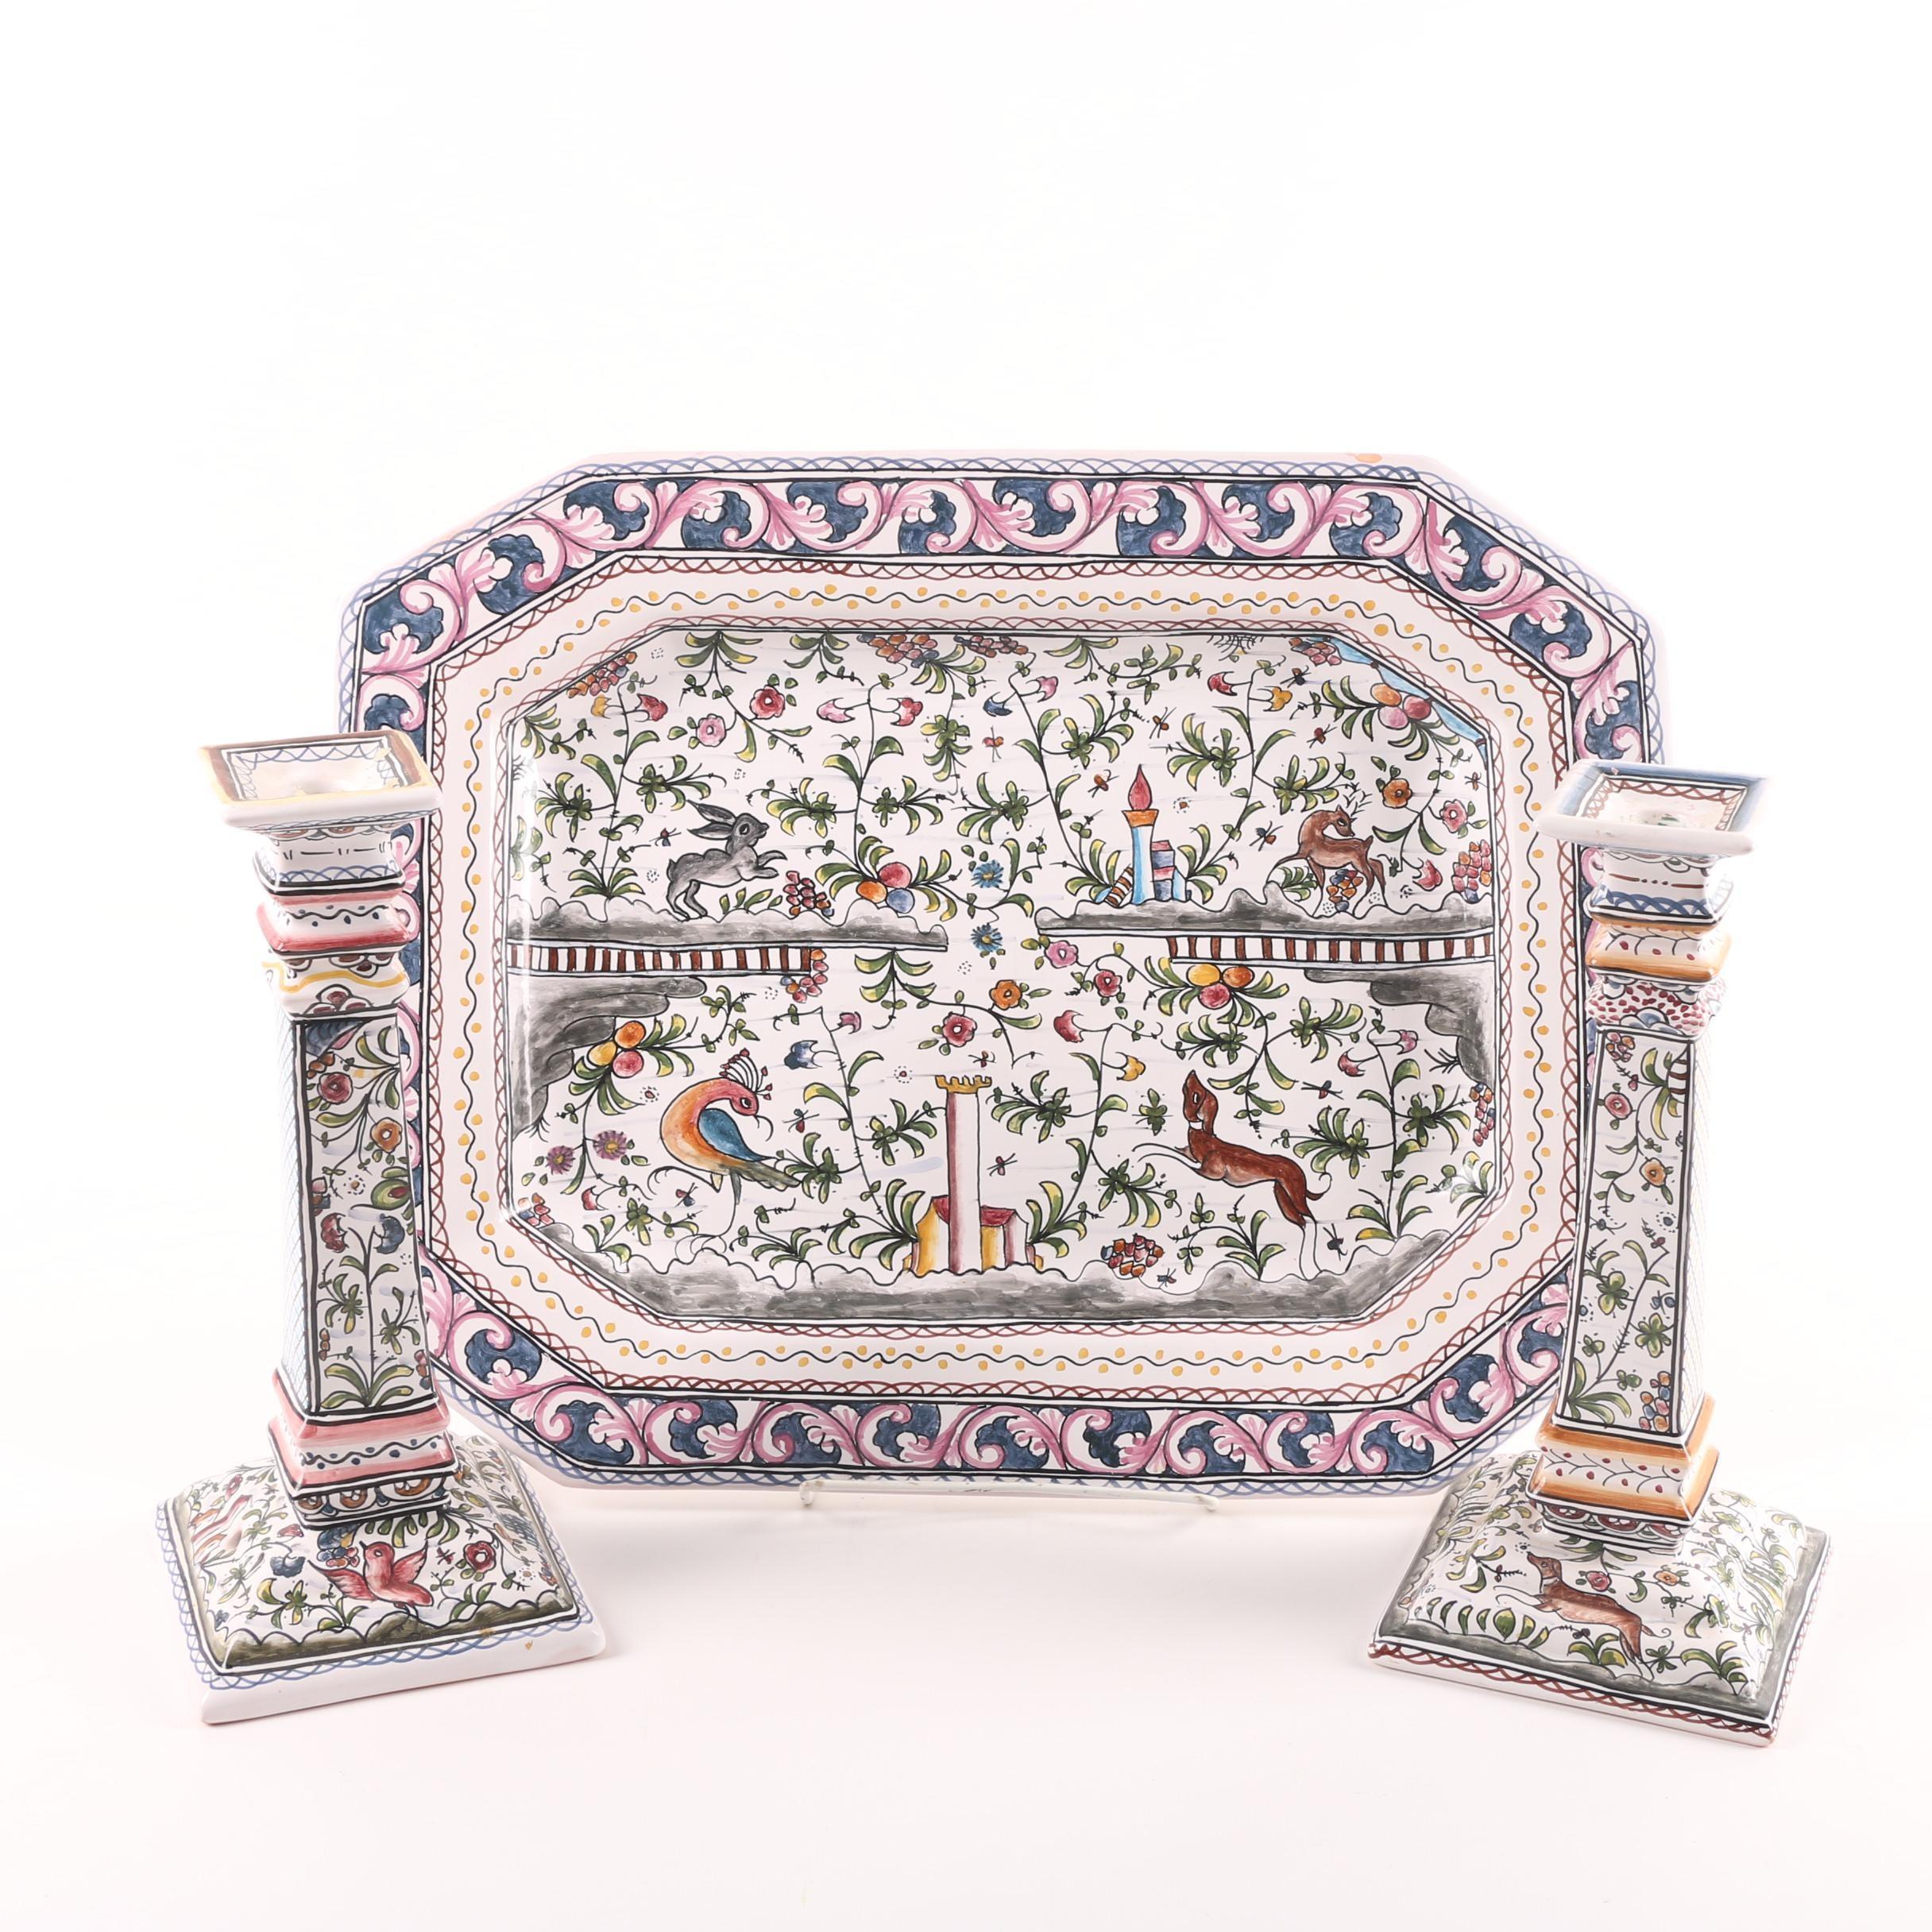 Estrela de Conimbriga Portuguese Hand-Painted Platter and Candlesticks